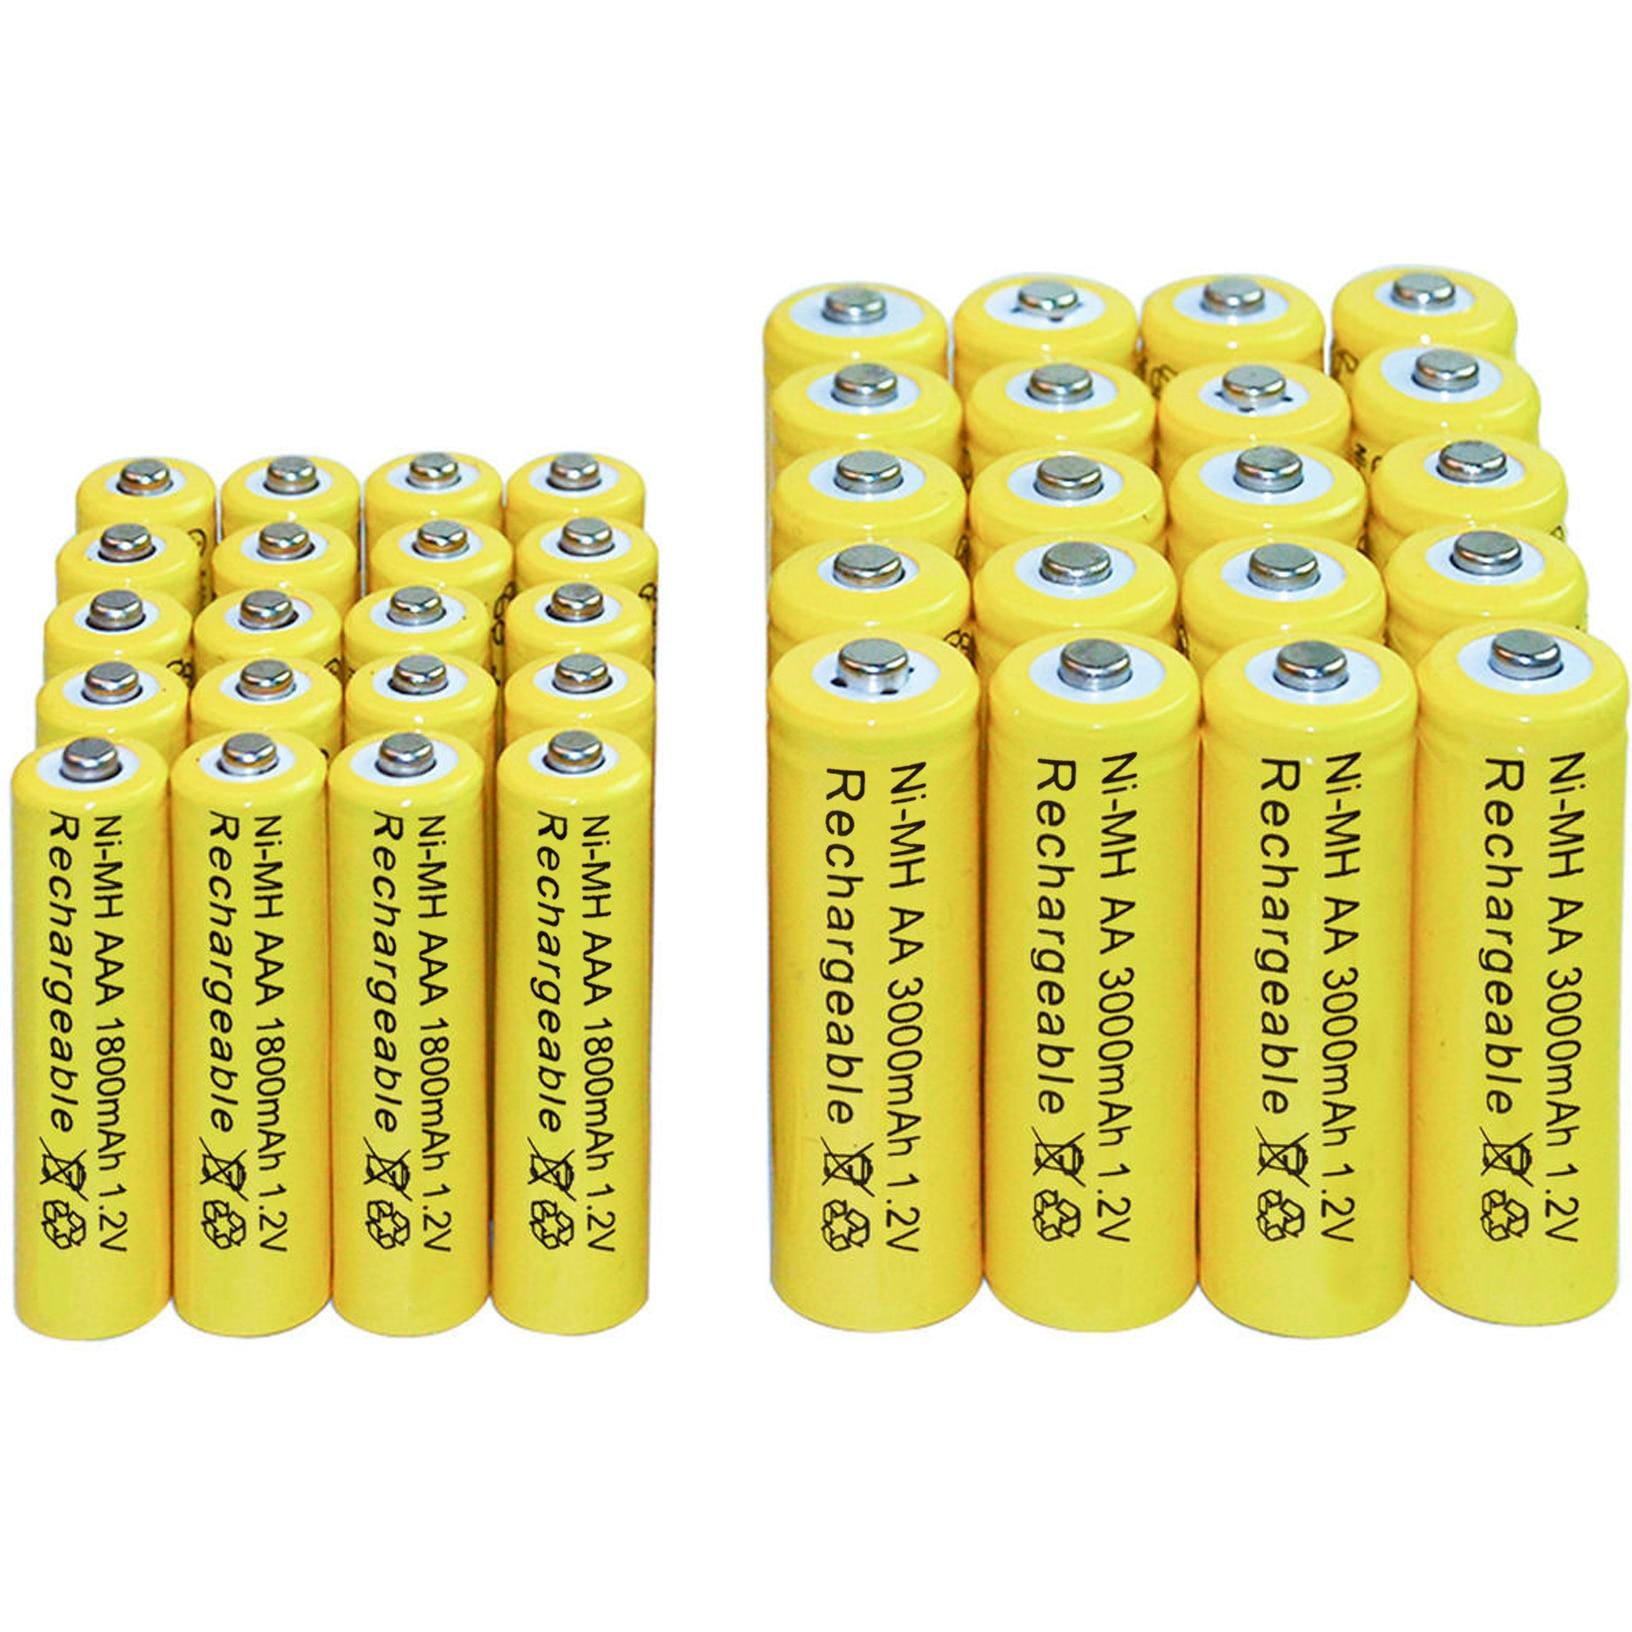 4/10/16/20/24/Вт, 30 Вт, 40 шт. AA 3000 мАч+ AAA 1800 мАч 1,2 никель-металл-гидридный аккумулятор с напряжением Перезаряжаемые Батарея желтый сотовые светодиодный фонарь игрушки RC